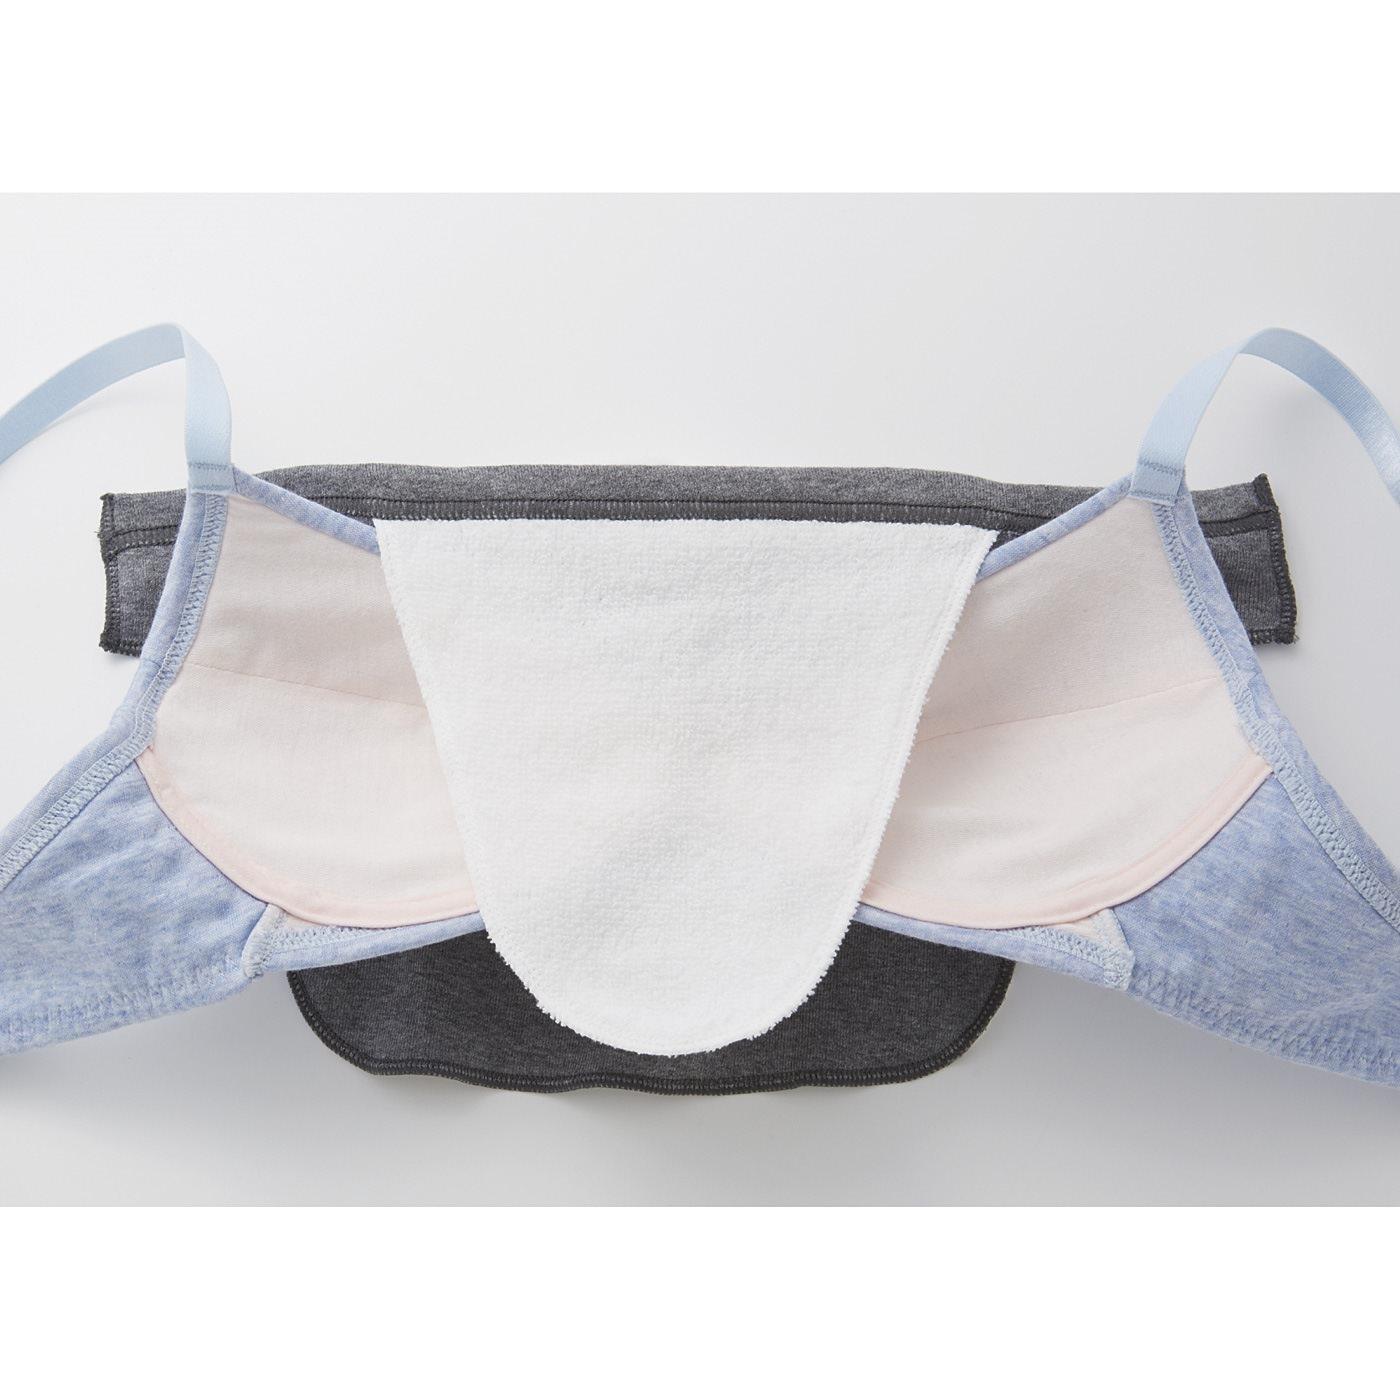 綿パイル生地を肌側に、滑らかな生地をブラの外側に出して、ブラに挟み込むだけで装着完了。